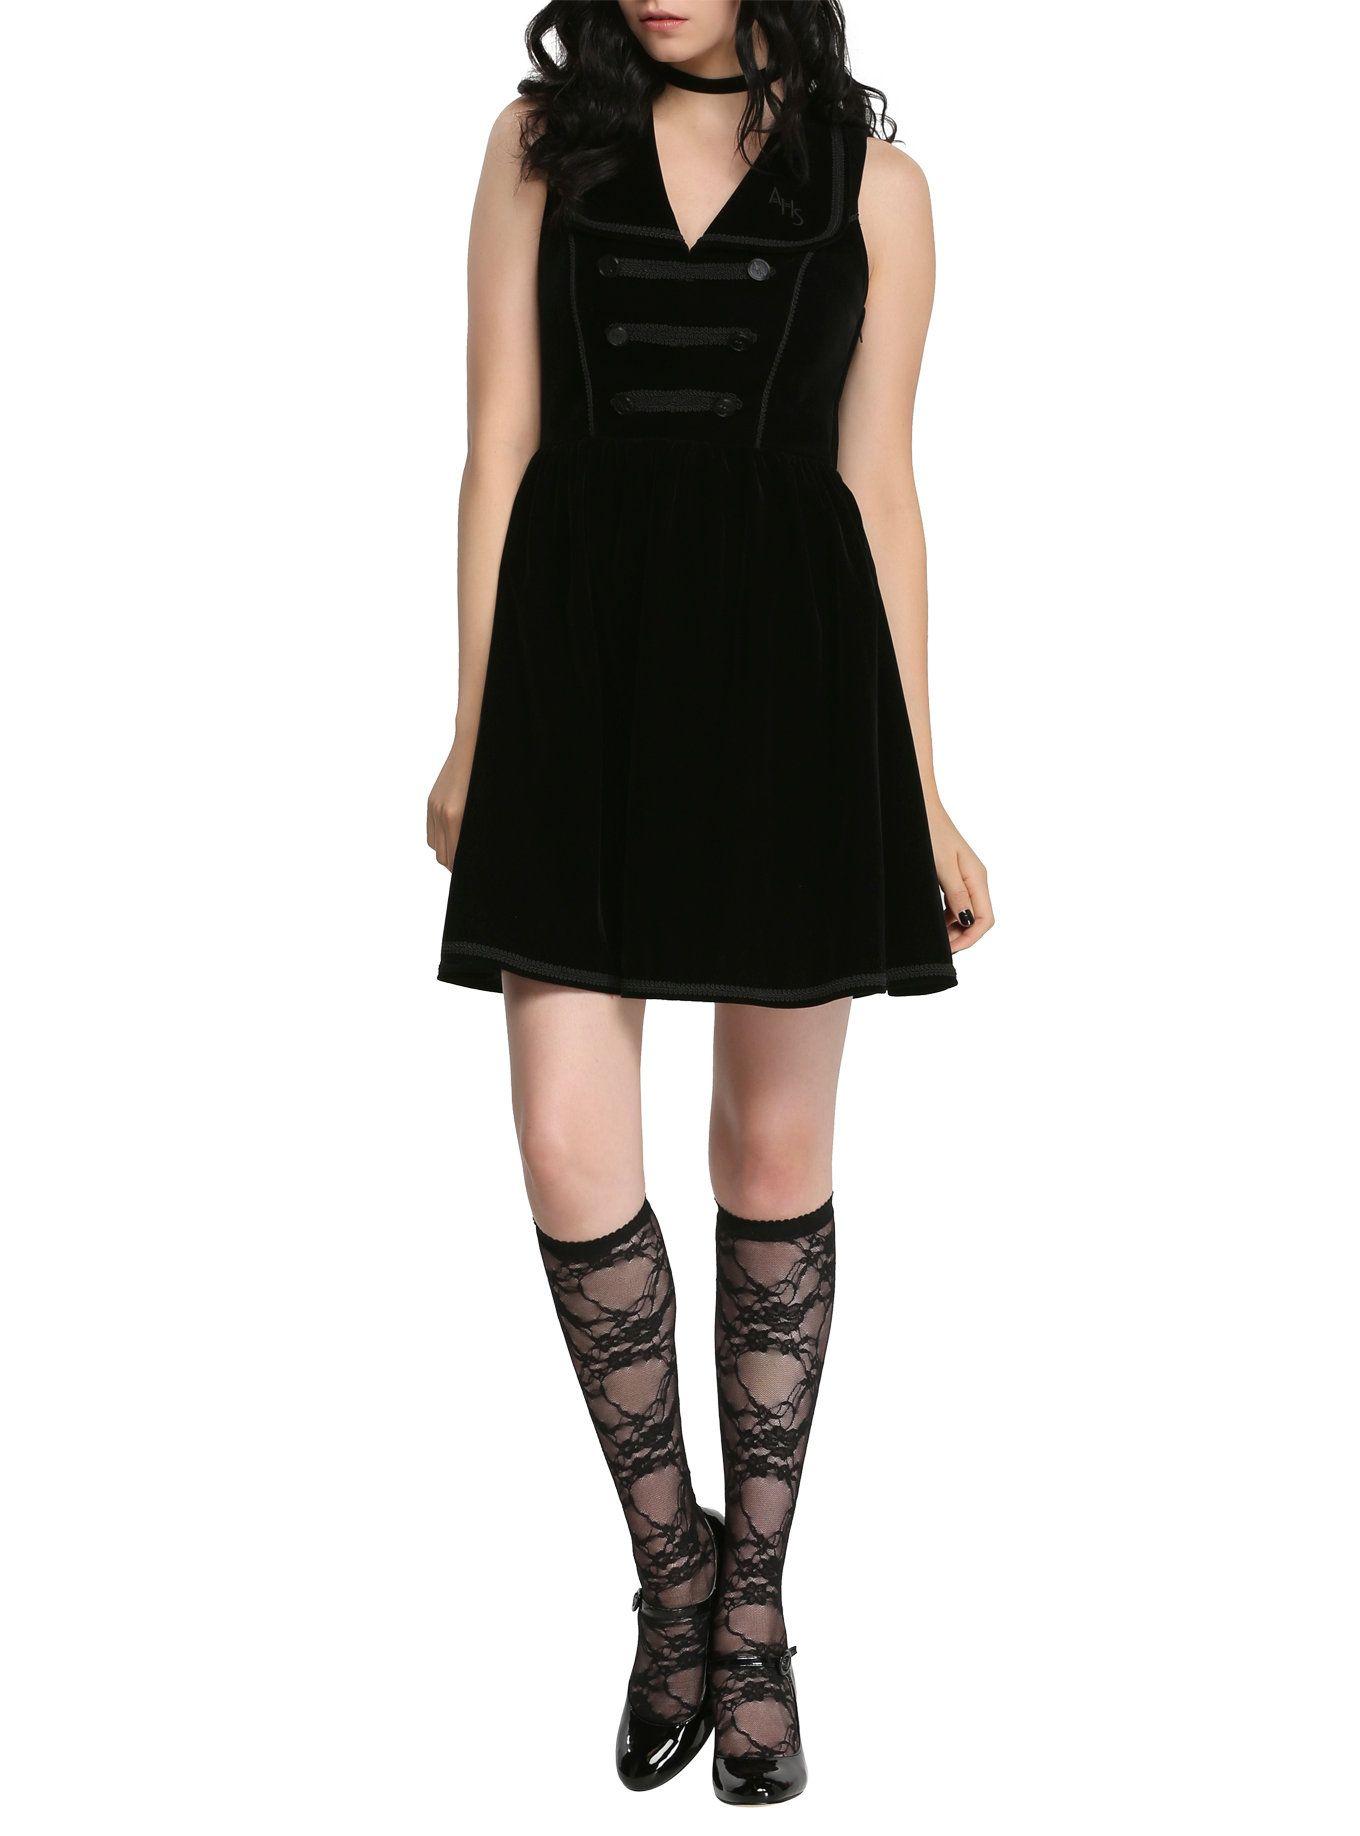 American horror story hotel bellhop dress hot topic and black velvet